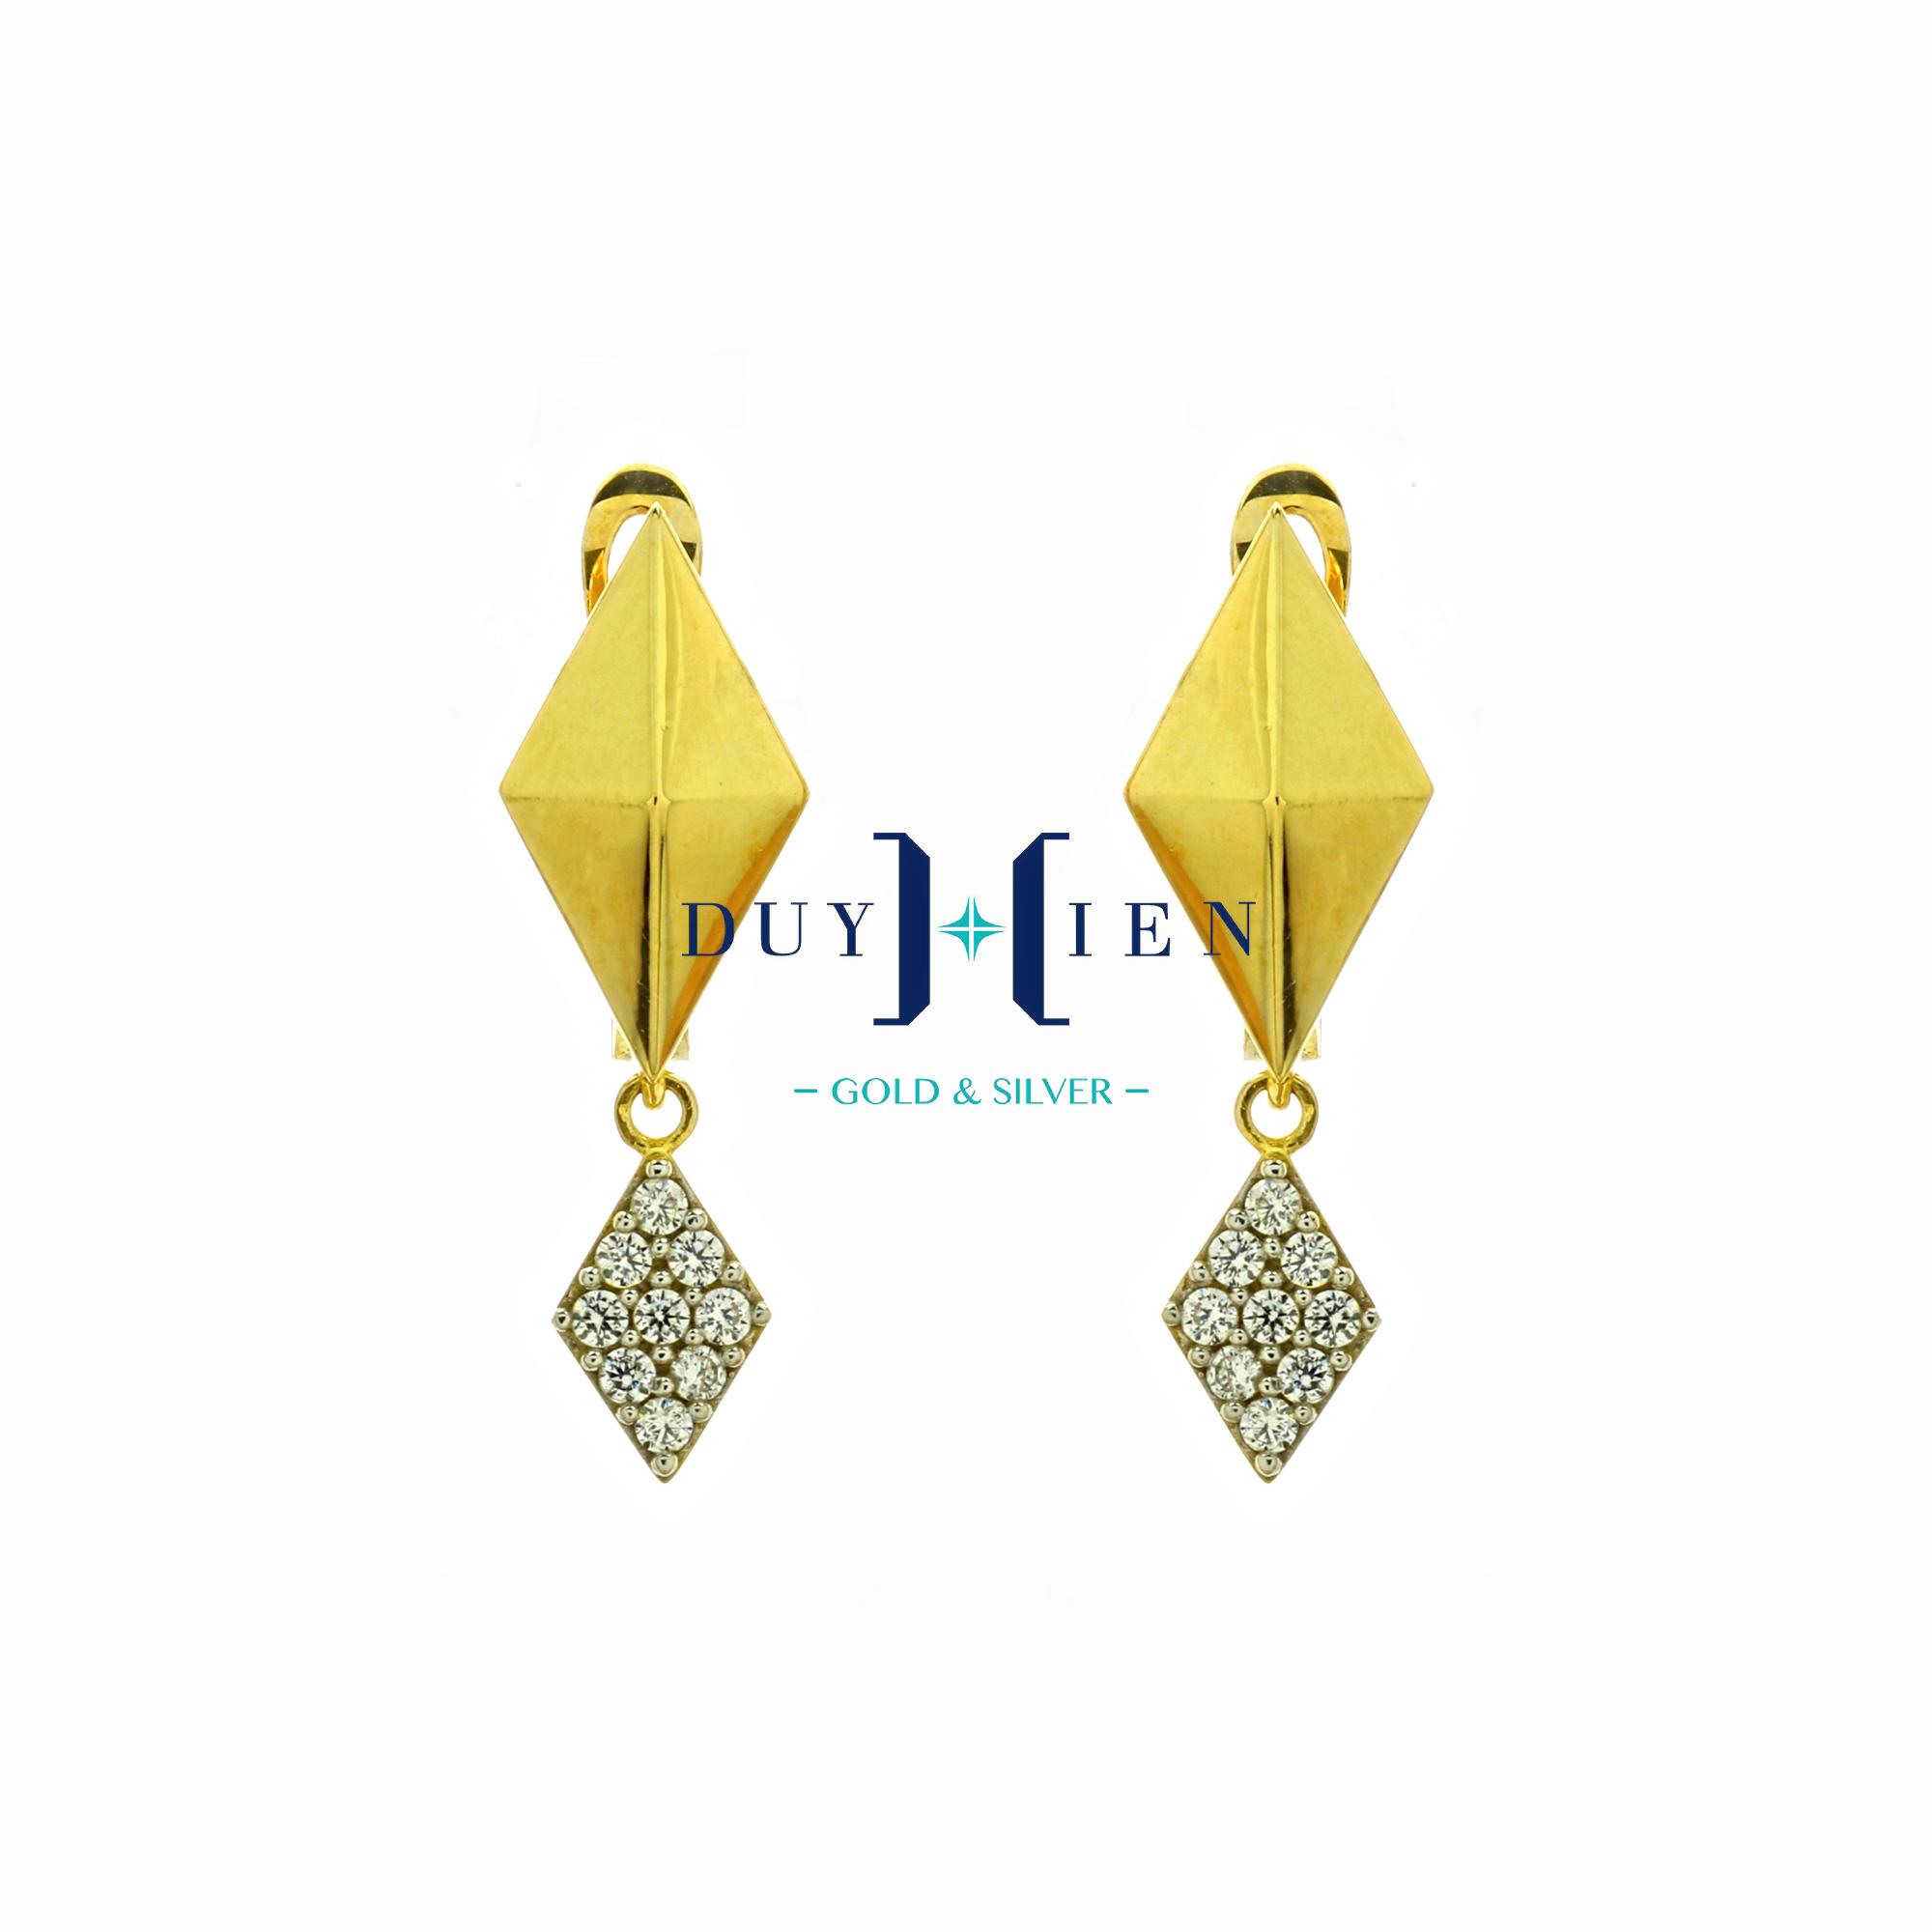 bông tai vàng 18k cho nữ  hình thoi trơn màu vàng nổi tấm ở giữa nói với hình thoi nhỏ có đá